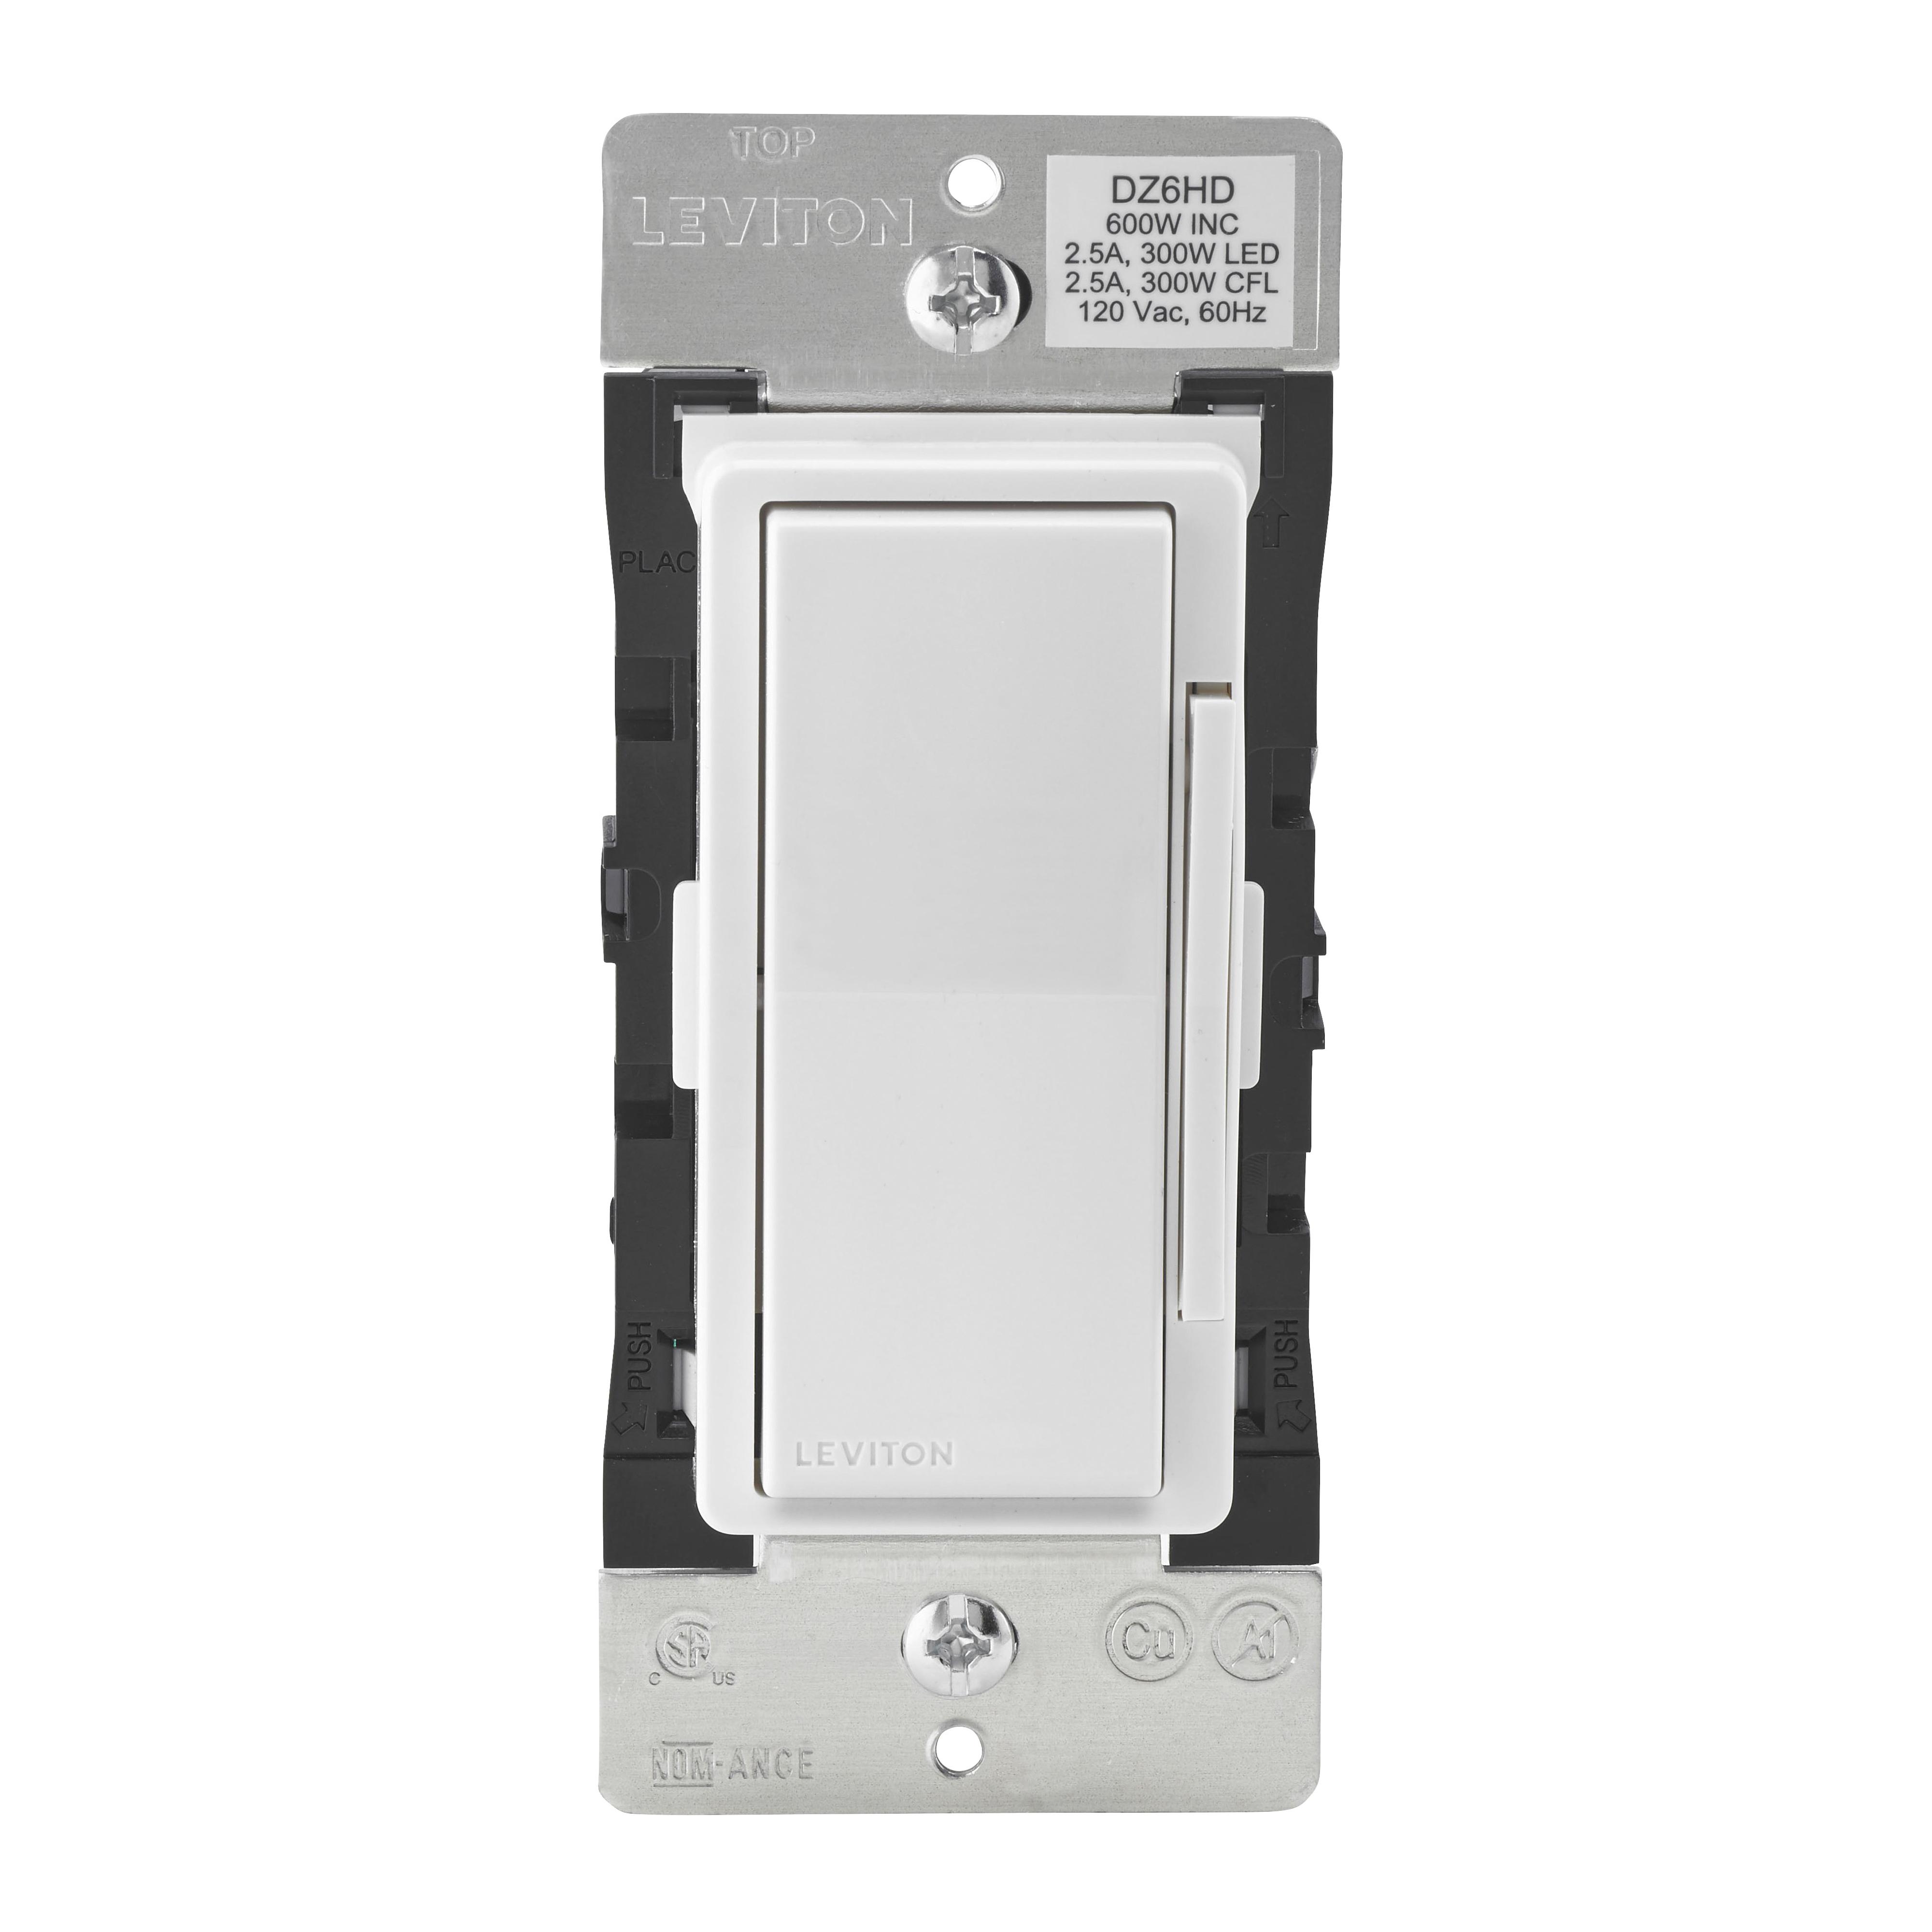 Picture of Leviton Decora Smart R51-DZ6HD-1RZ Dimmer, 1-Pole, 3-Way, 120 V, 60 Hz, Z-Wave, Hardwired, Light Almond/White